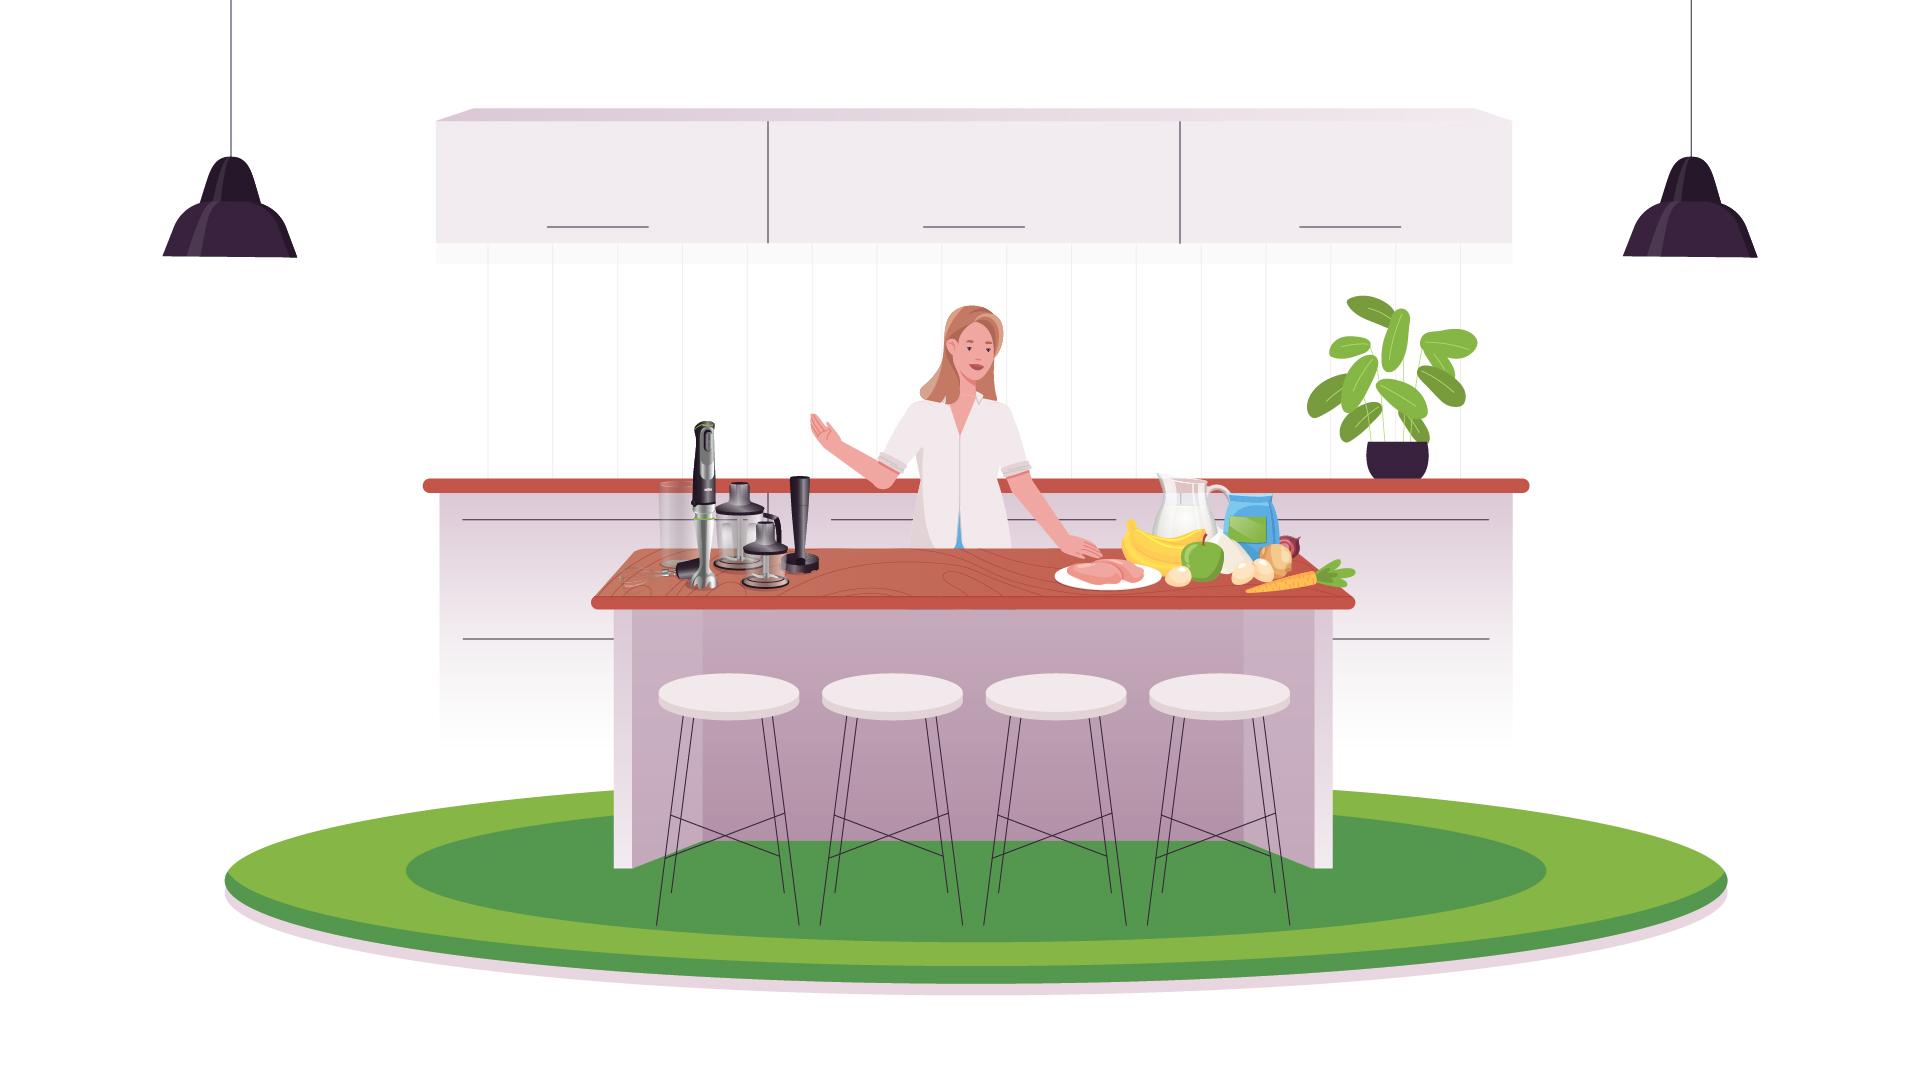 Braun | Kitchen gadgets | Marketing Video